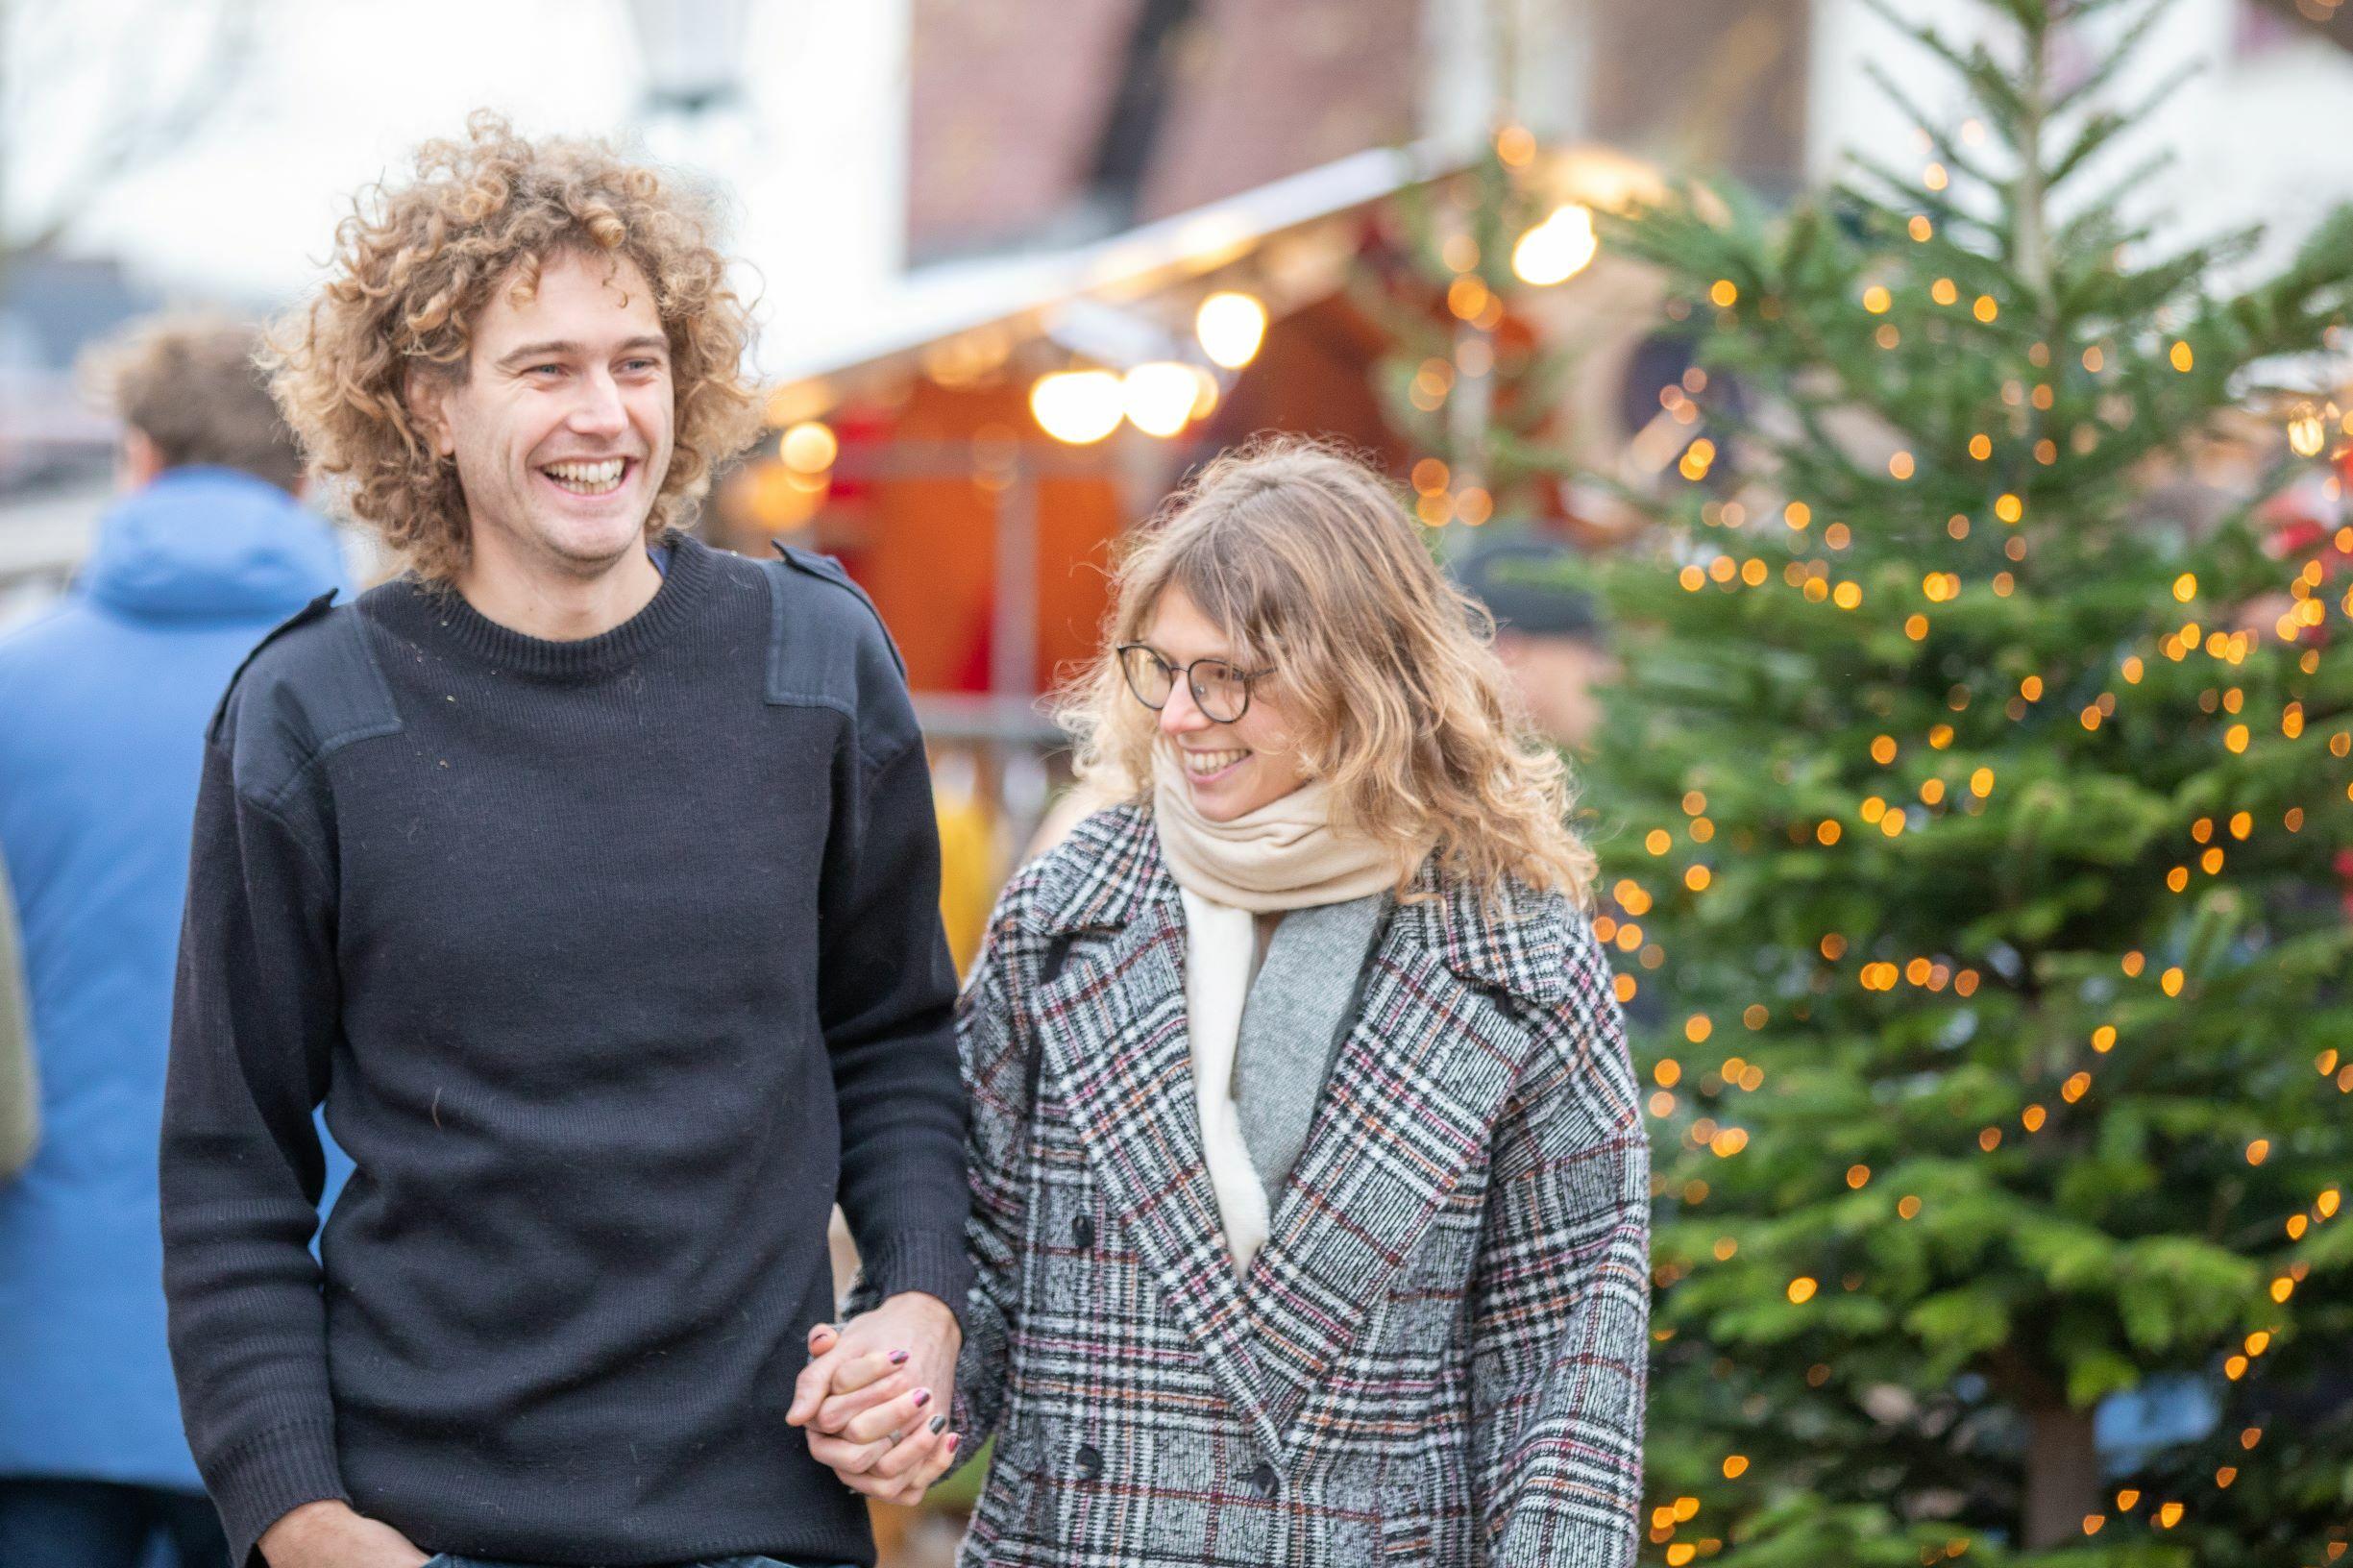 Stel wandelt door De Koog met kerst VVV Texel fotograaf Evalien Weterings